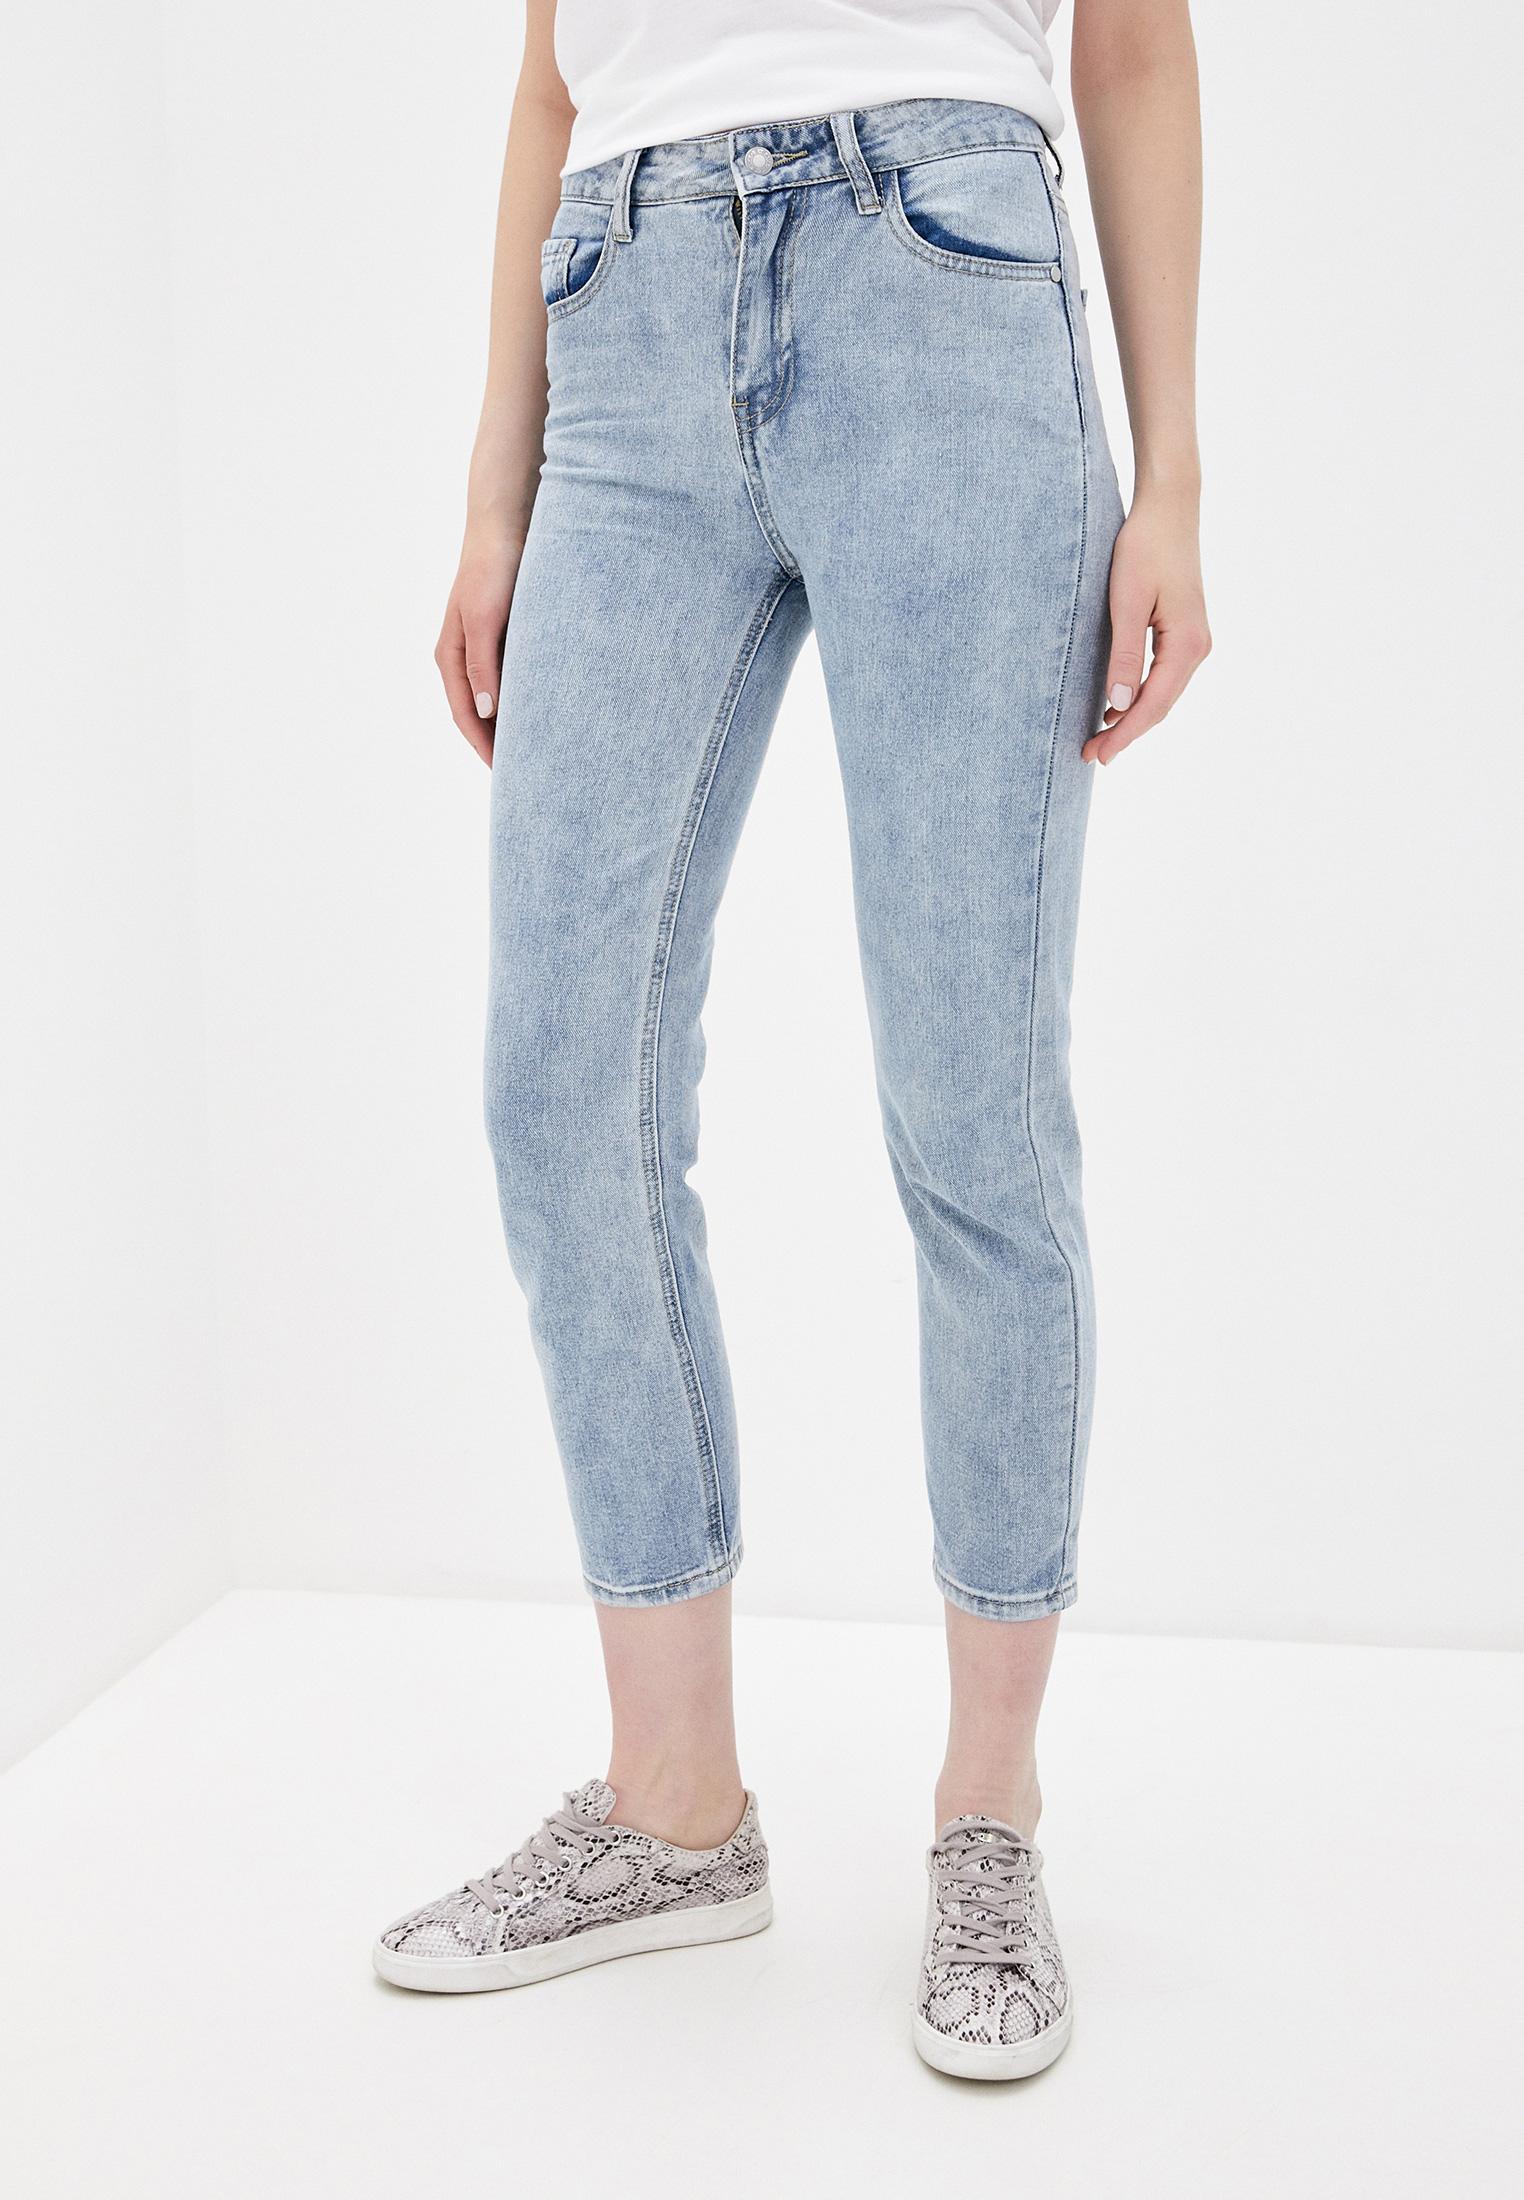 Зауженные джинсы Savage (Саваж) 015628/65